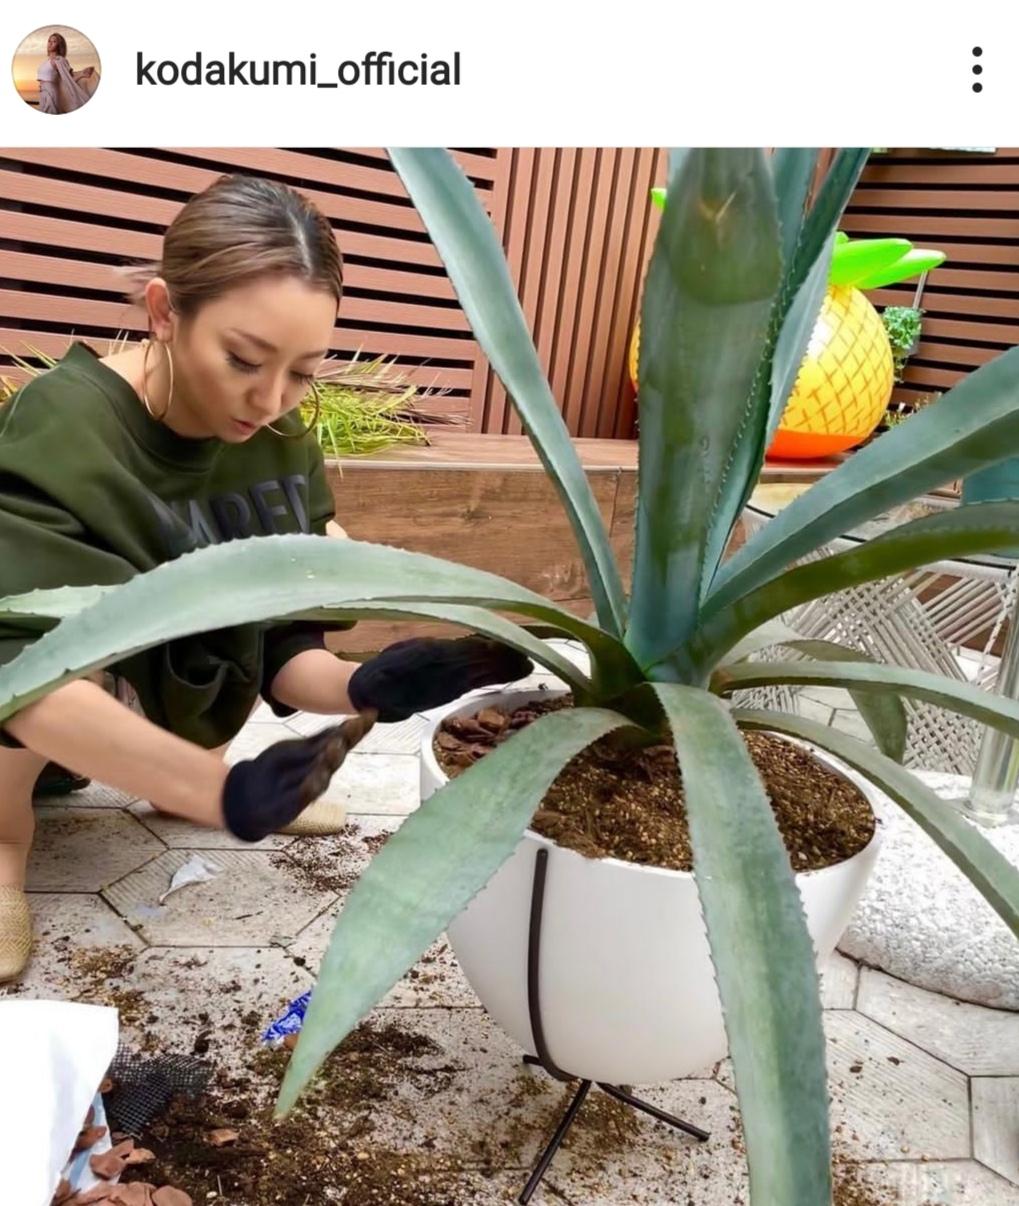 「お庭オシャレすぎる」倖田來未、趣味のガーデニングSHOTに反響「何しても絵になるなぁ」